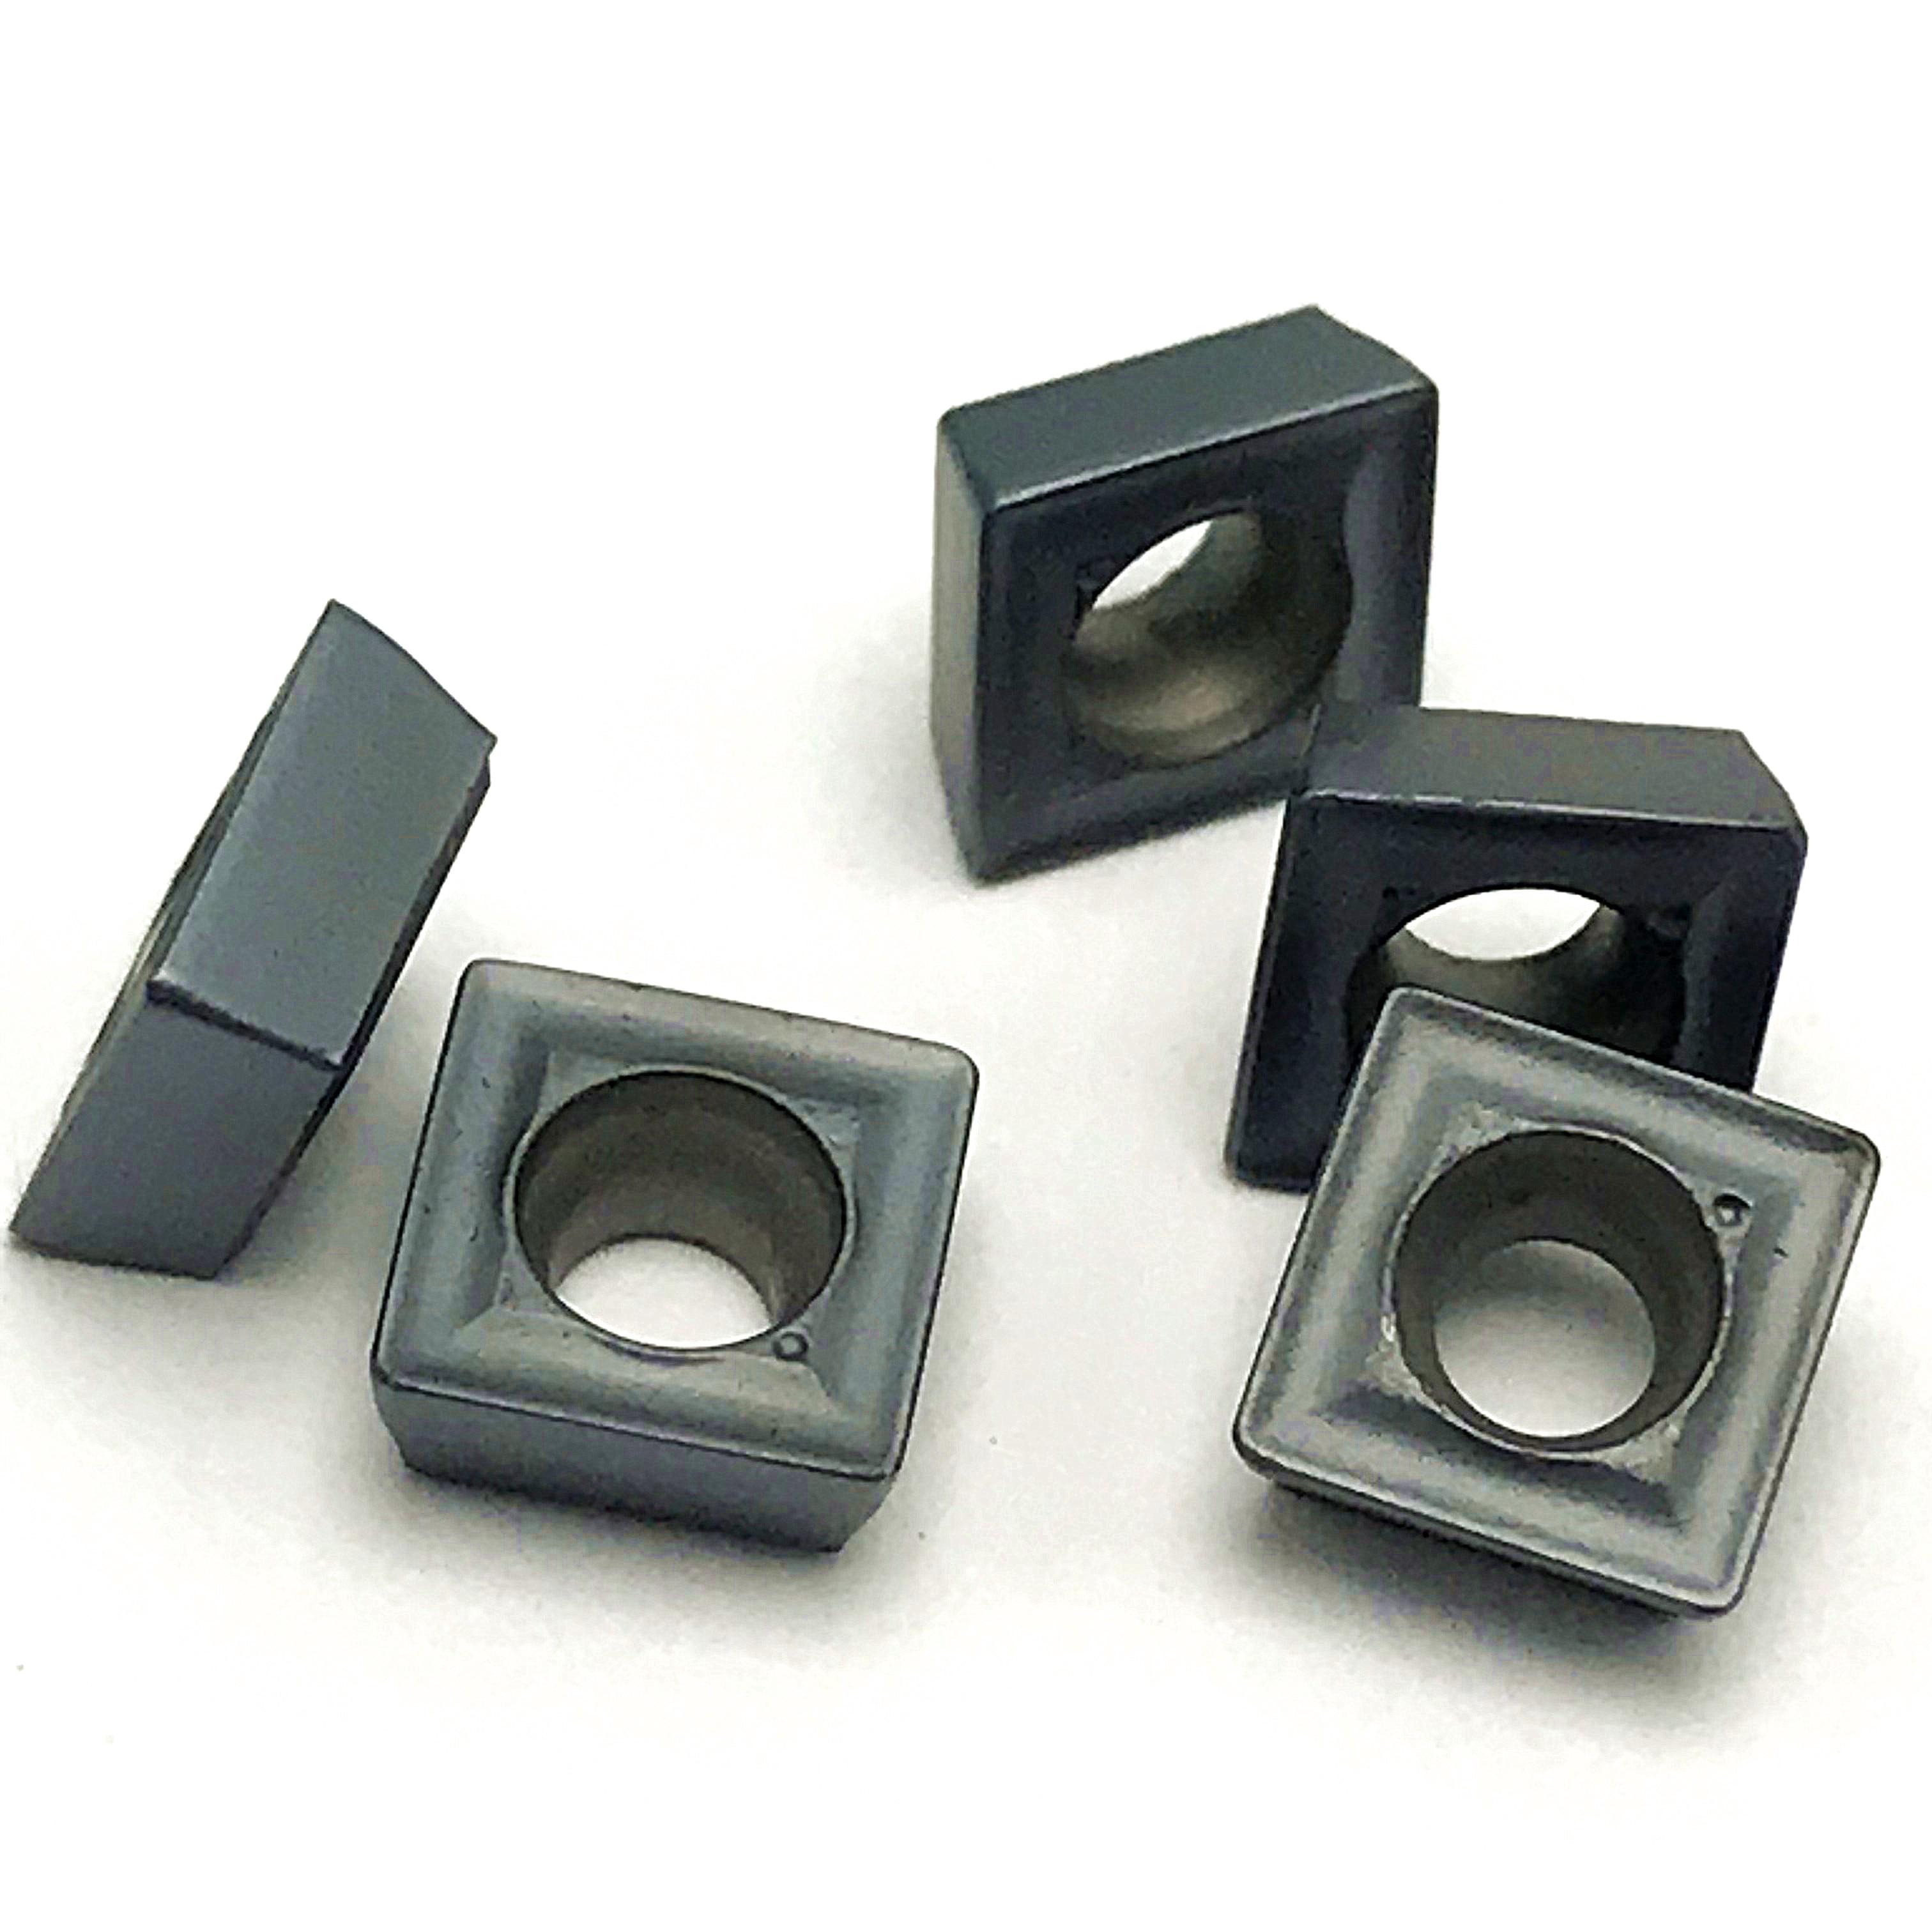 Купить с кэшбэком 10PCS U-Drilling SPMG07T308 DG TT9030 carbide inserts turning tool SPMG 07T308 DG TT9030 metal Milling cutter turning insert